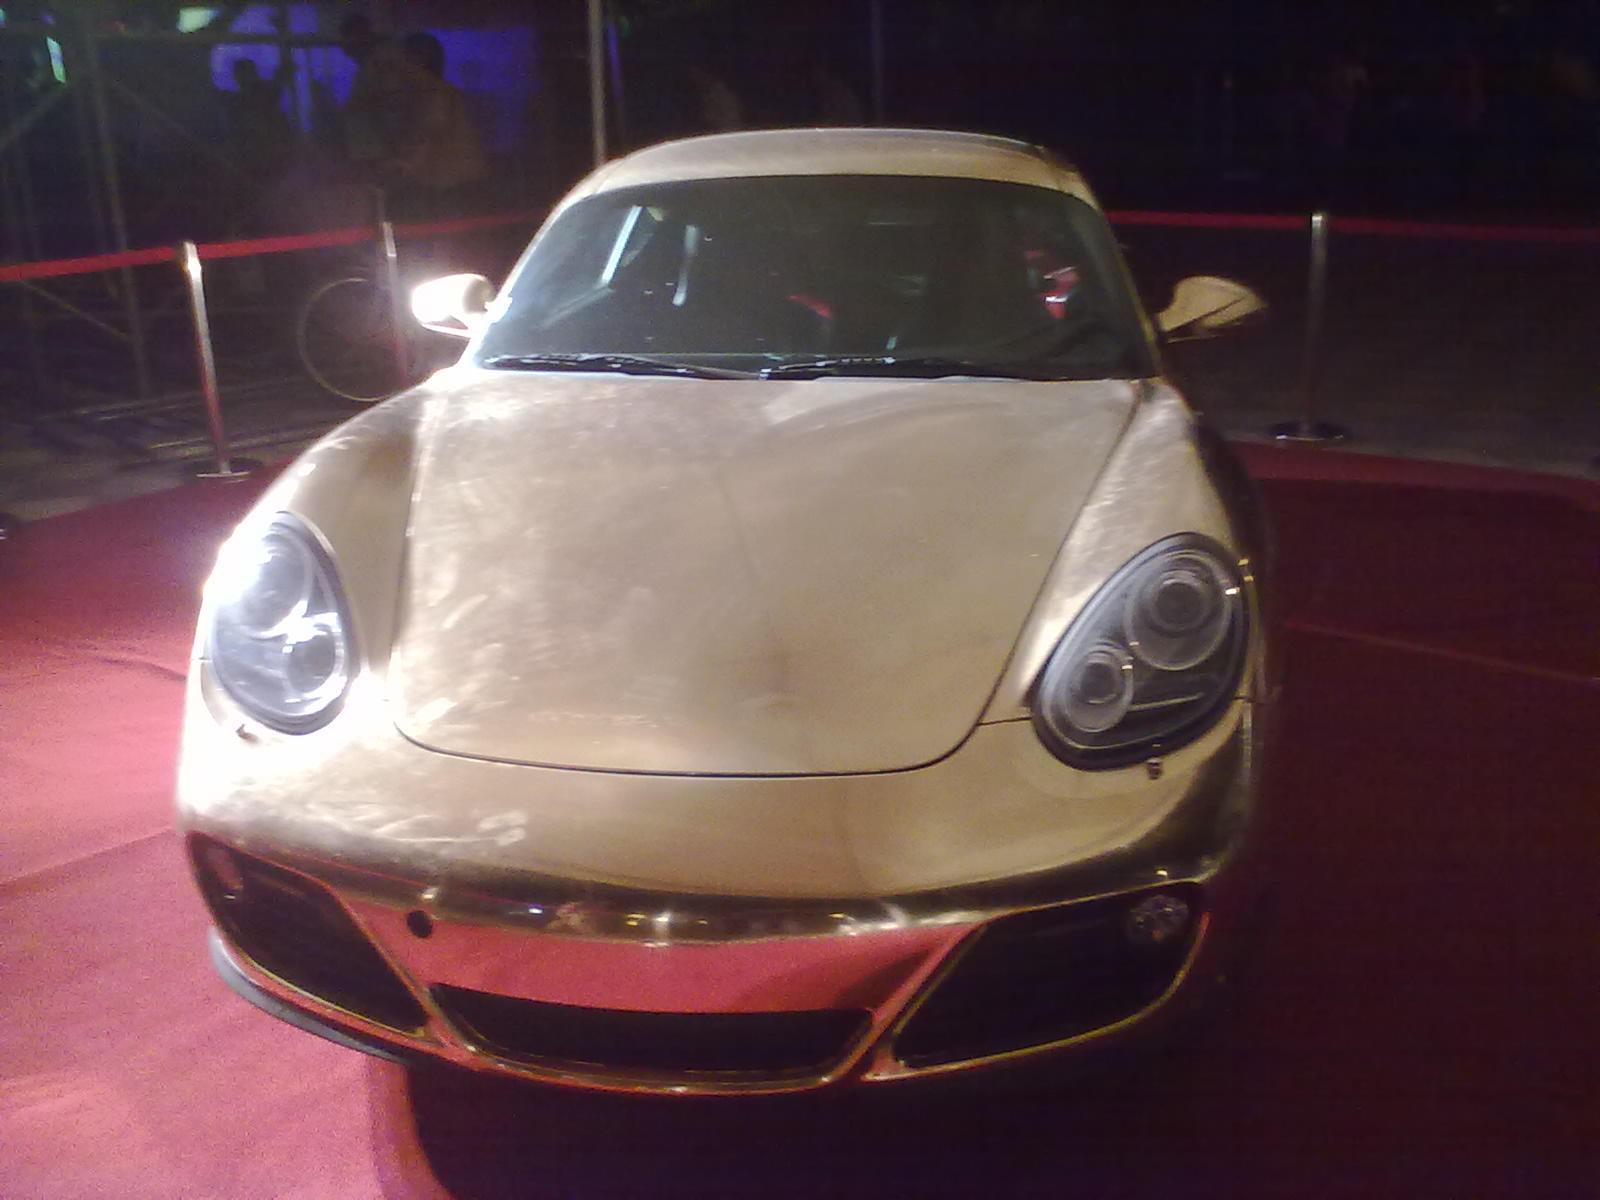 豪车 布加迪威龙什么的就叫豪车 纯黄金打造的posche 911高清图片